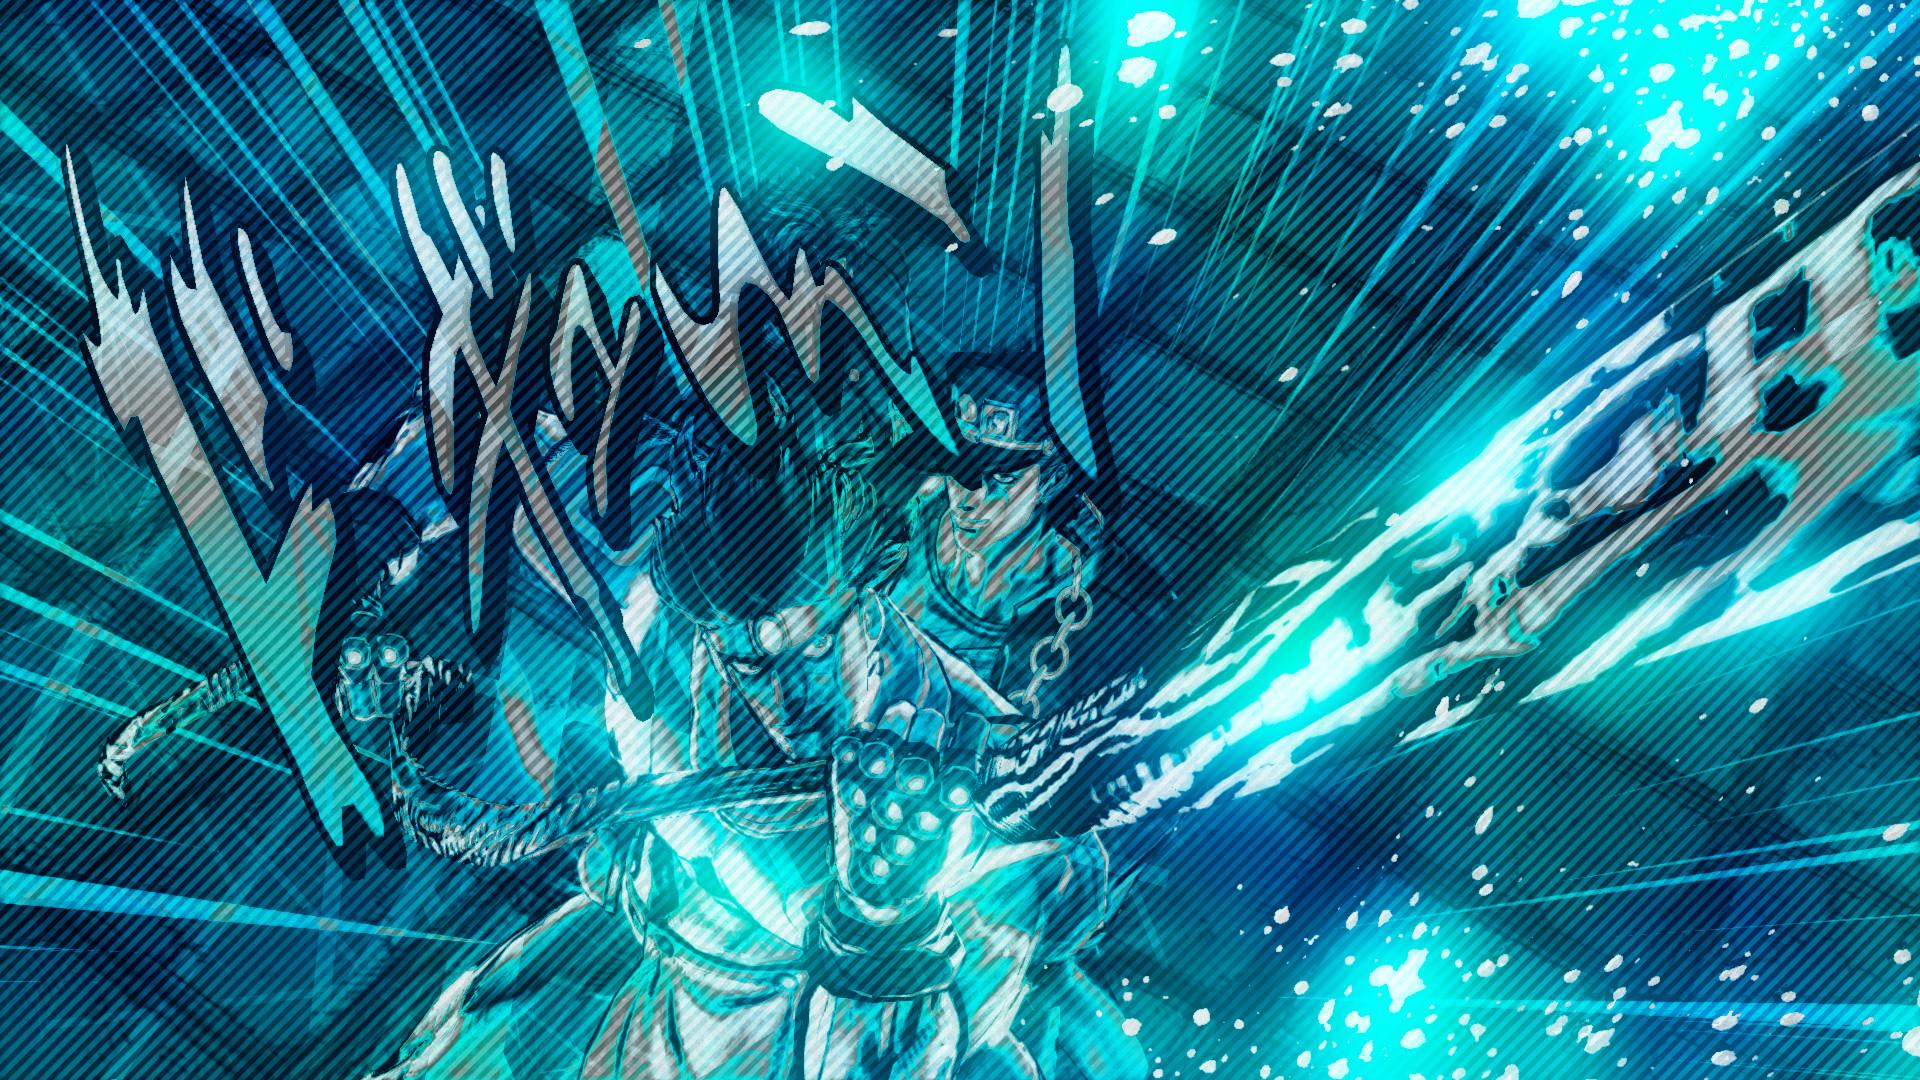 Anime – Jojo's Bizarre Adventure Noriaki Kakyoin Jotaro Kujo Hierophant  Green (Jojo's Bizarre Adventure)